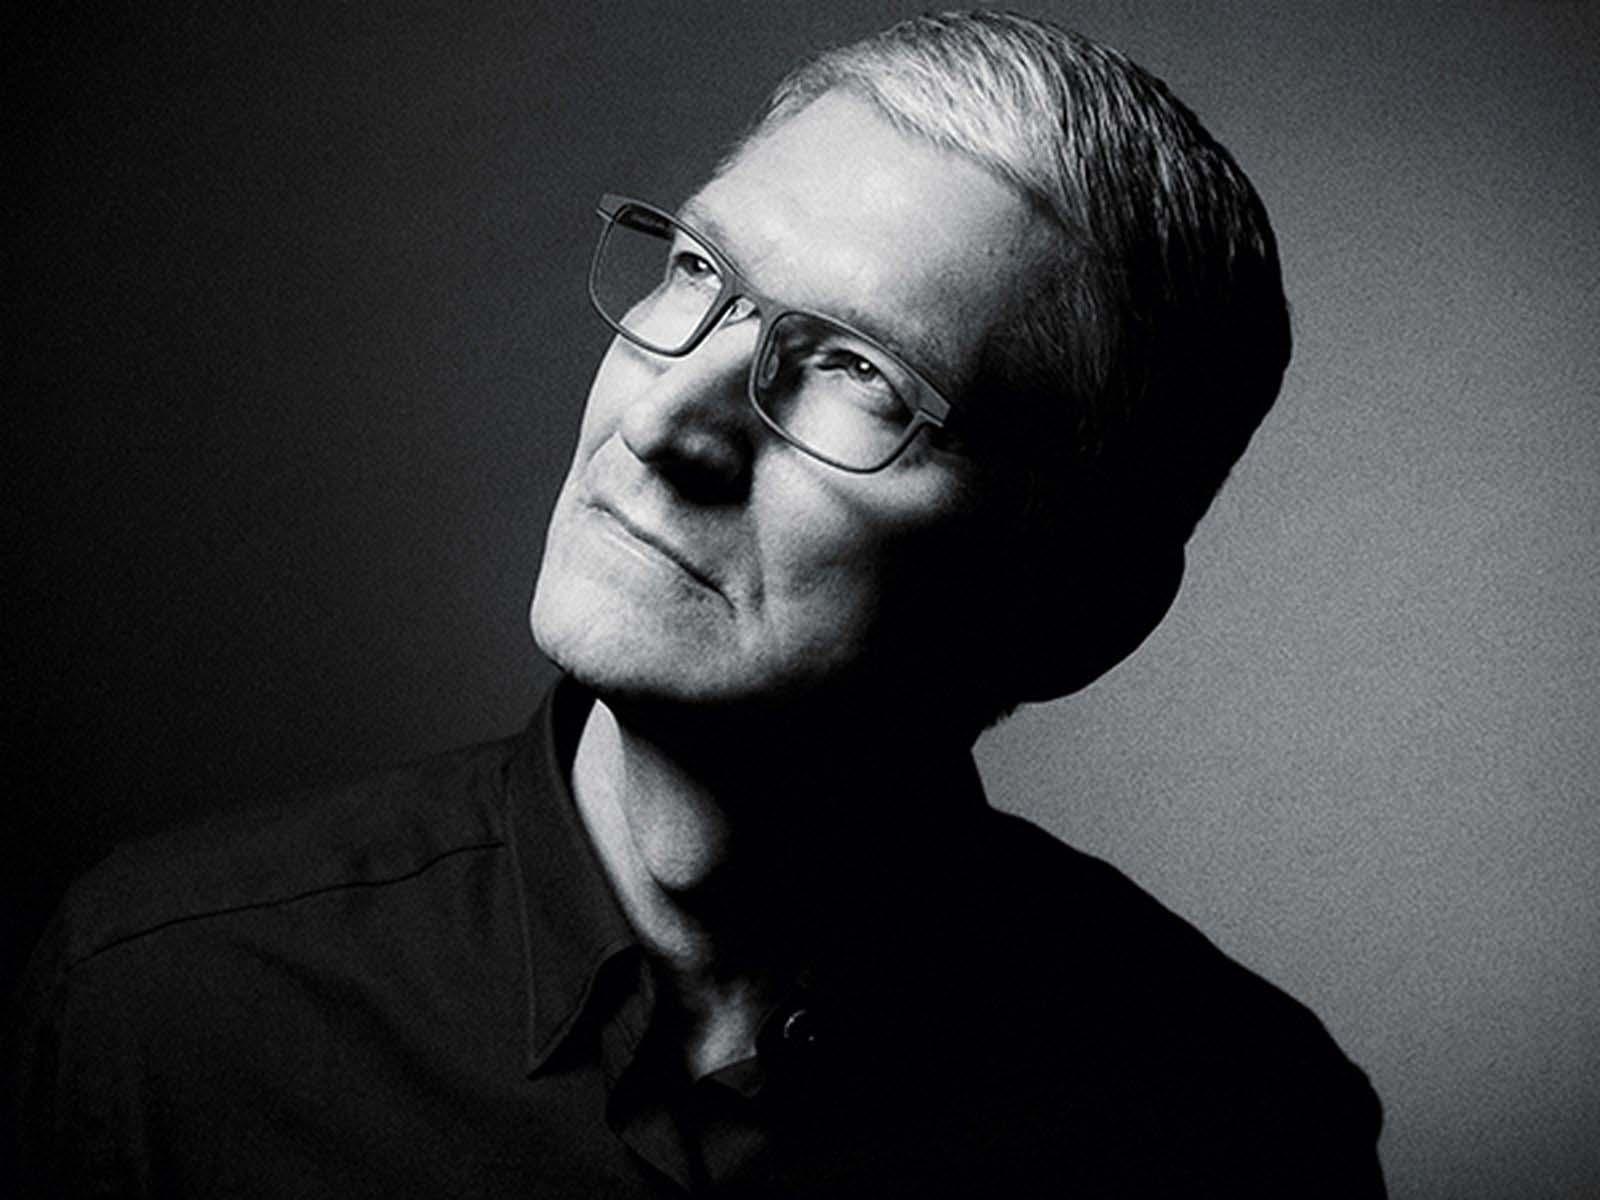 Как се промени Apple след ерата Стив Джобс?